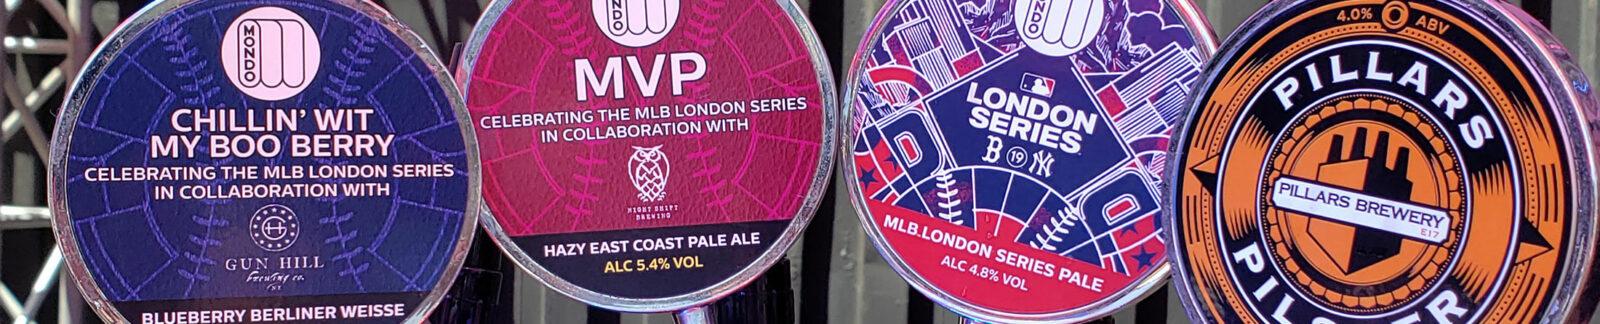 MLB London Series Beer Lineup header